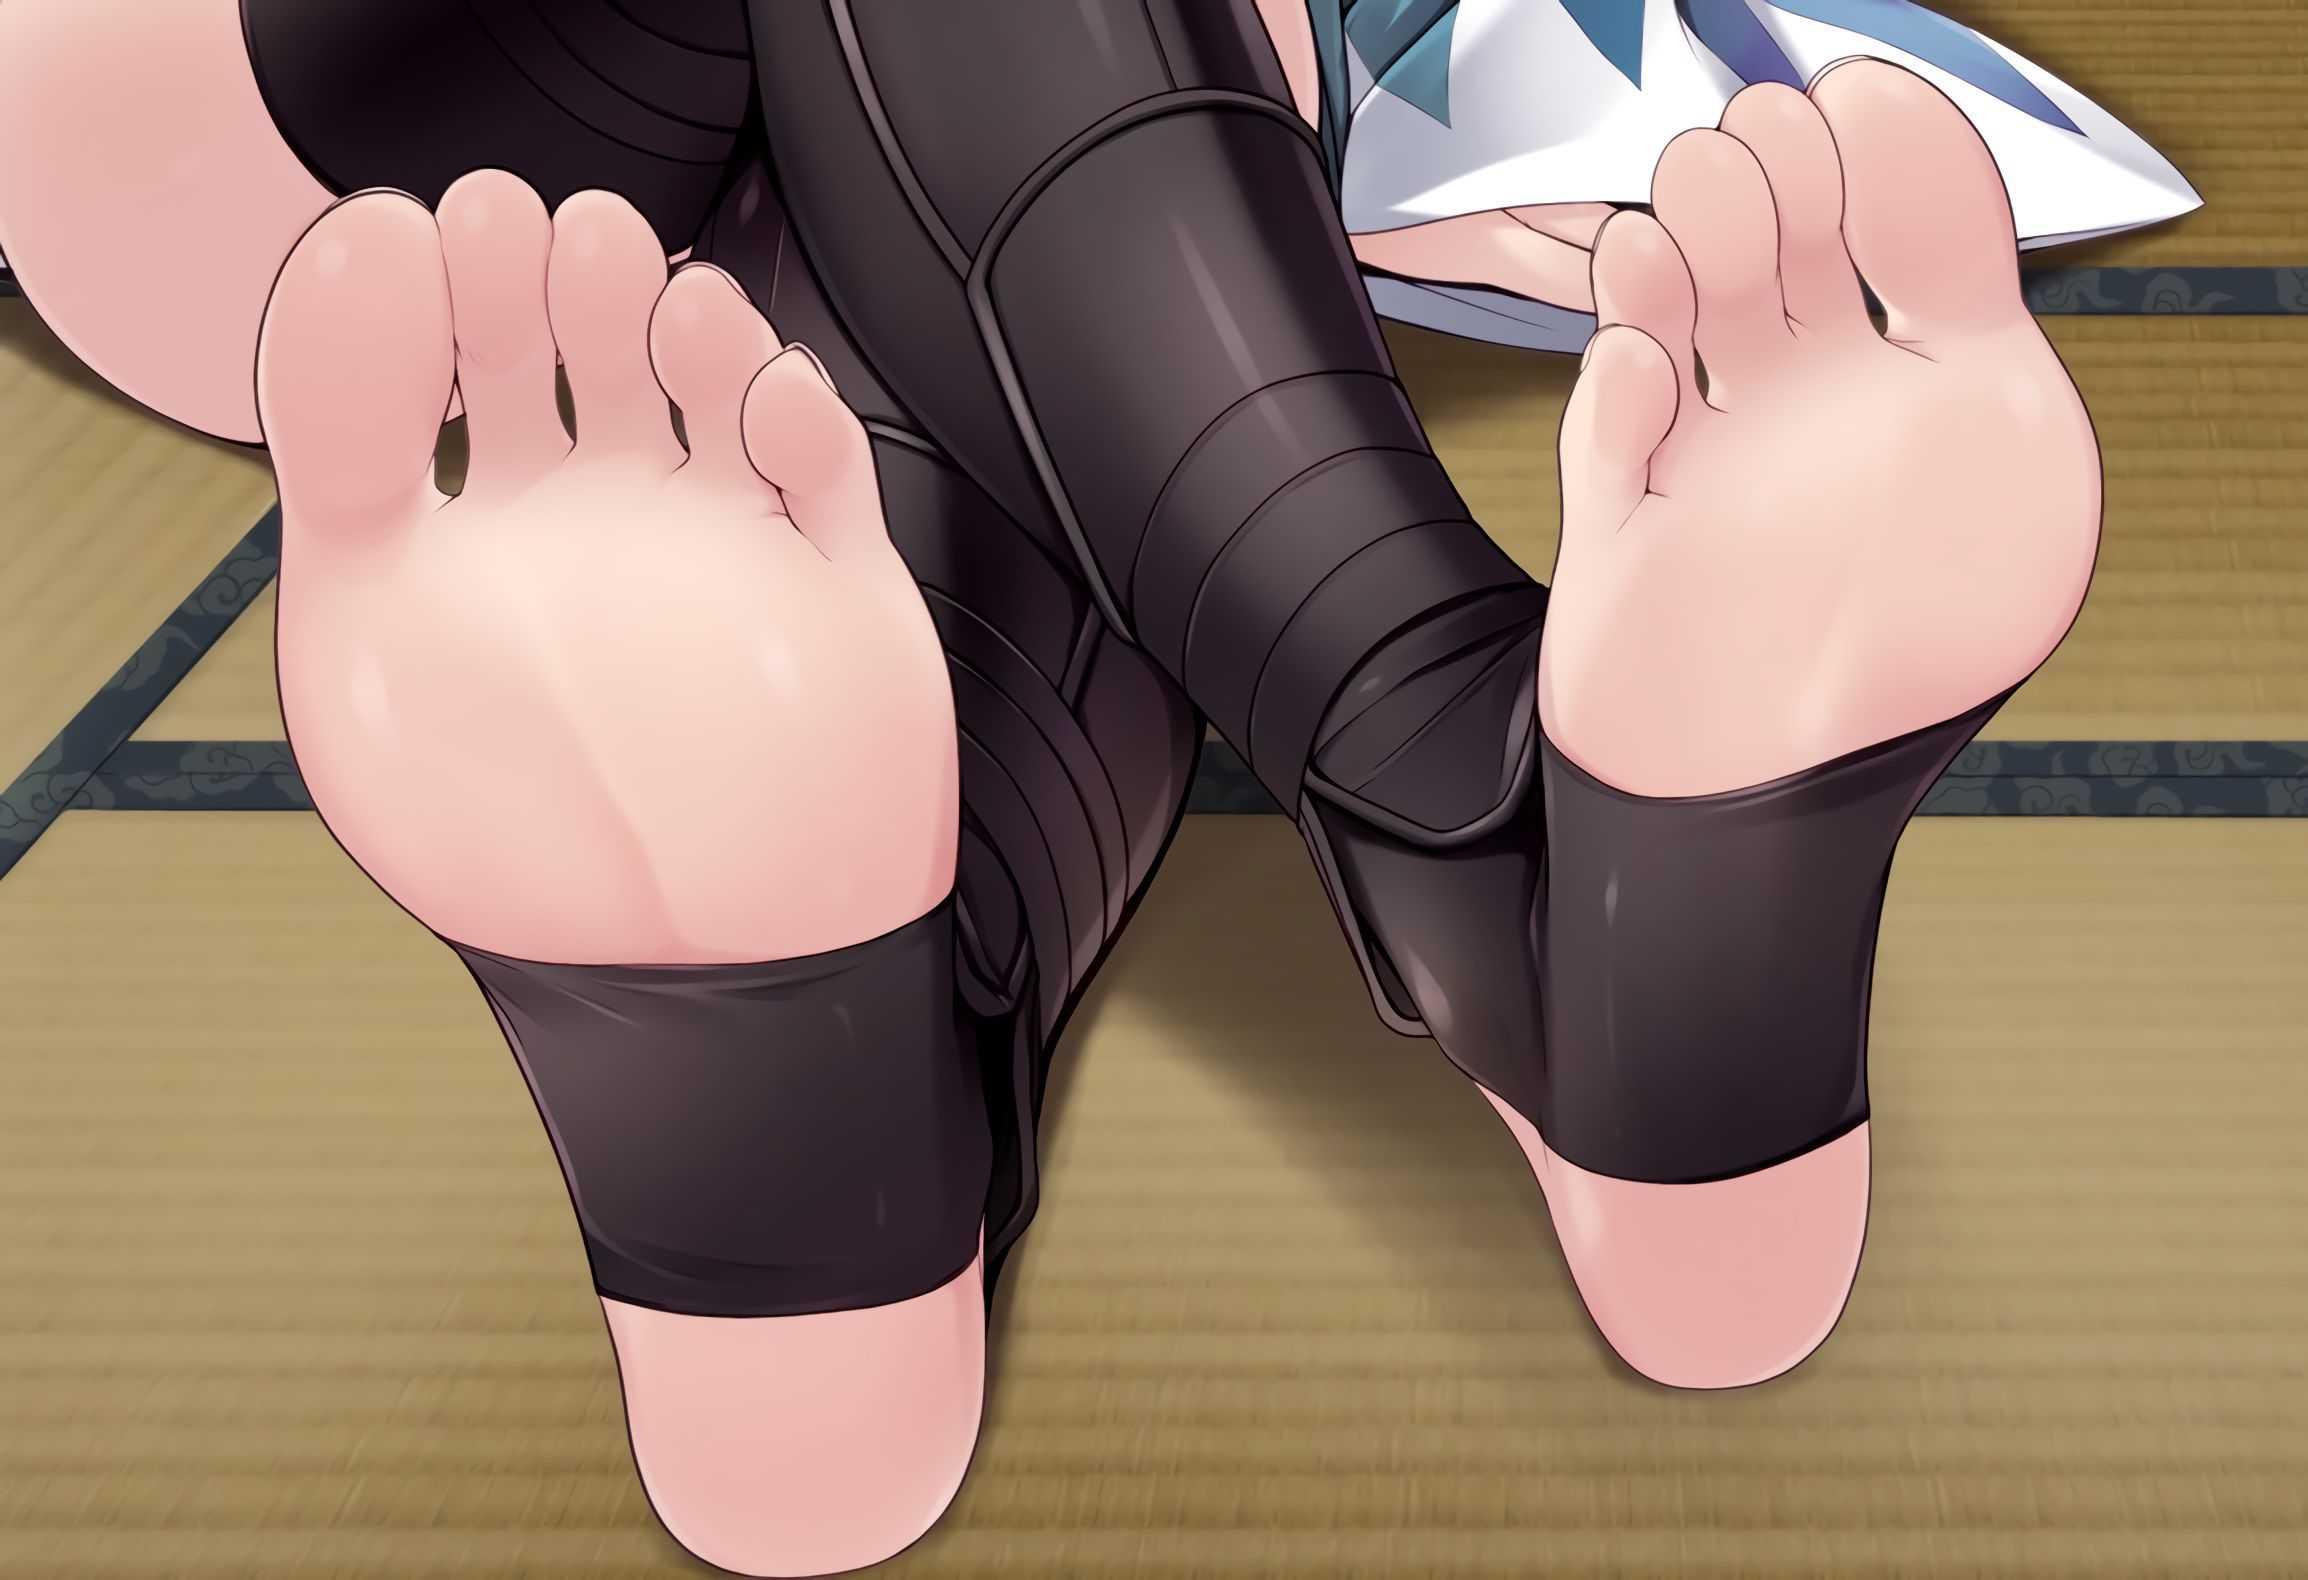 足の指フェチにはたまらん二次娘の裸足画像くれ